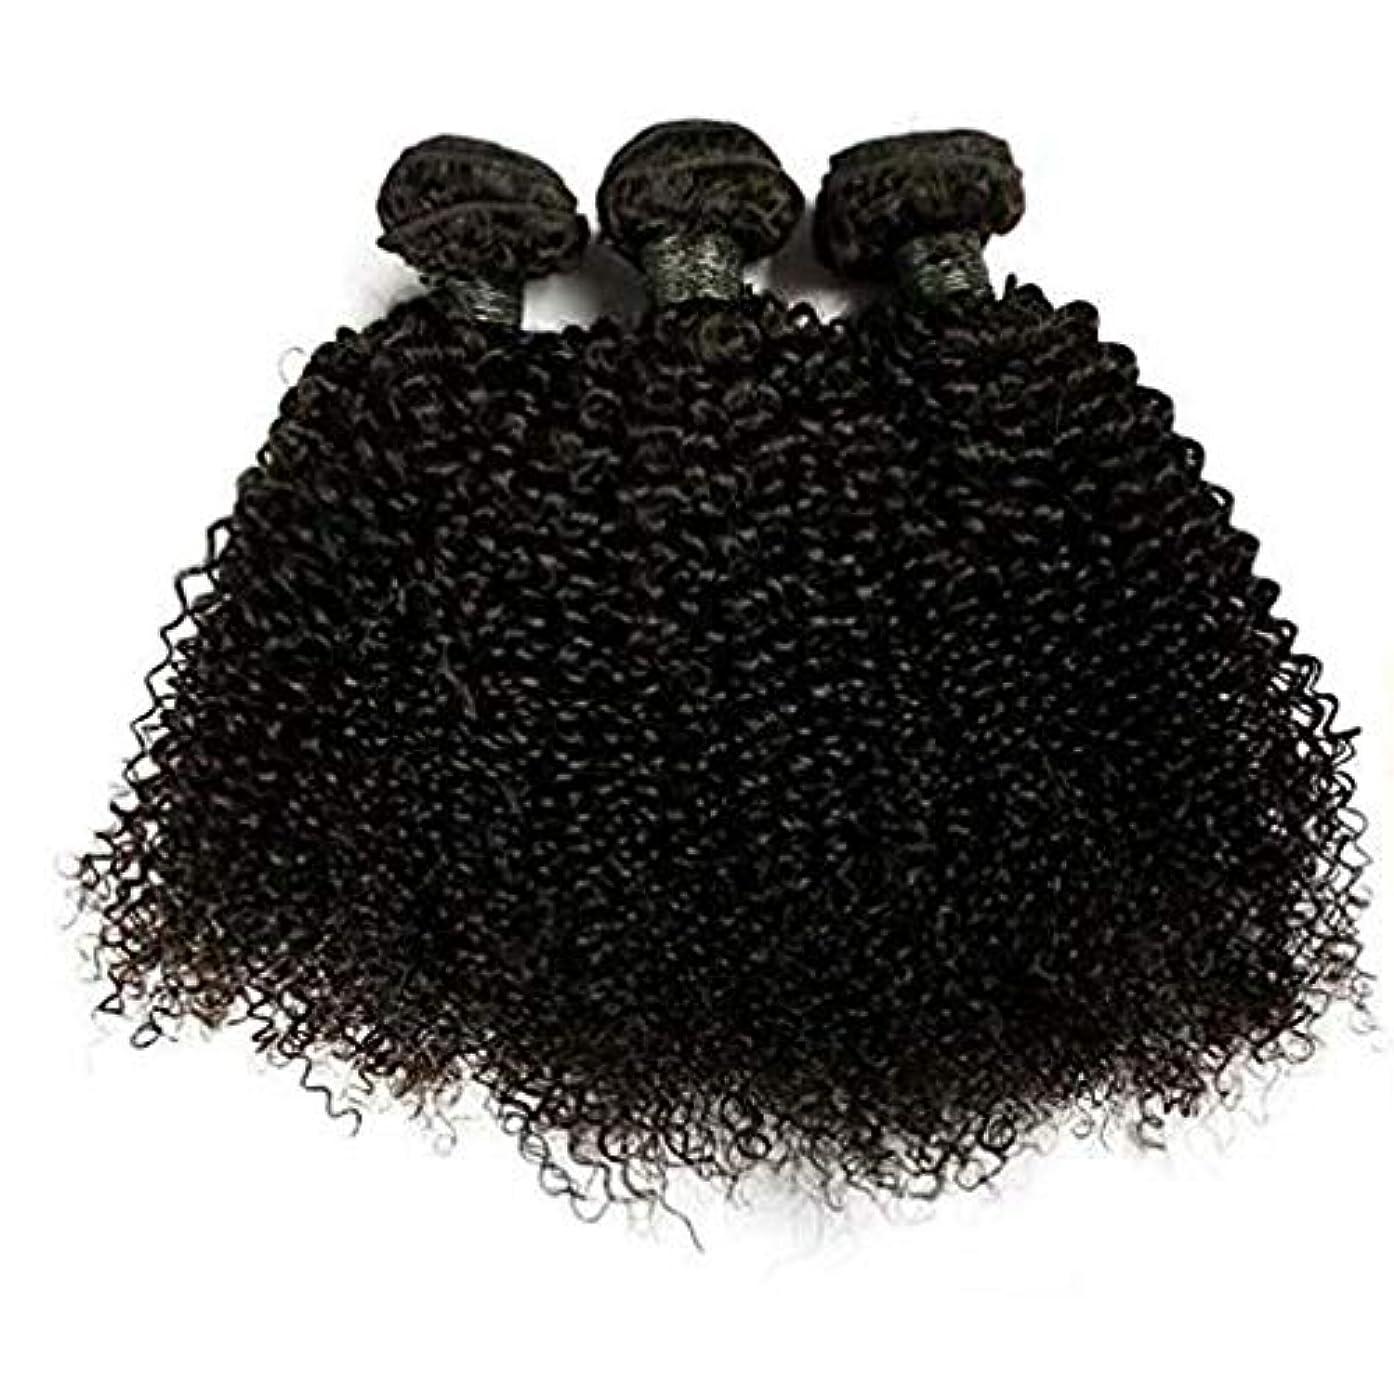 サーバドット統治可能WASAIO 髪織りナッピーカーリーバージン人毛エクステンション横糸女性の12のバンドルブラジルレアルリアルな色の「-18」1つのバンドル (色 : 黒, サイズ : 12 inch)